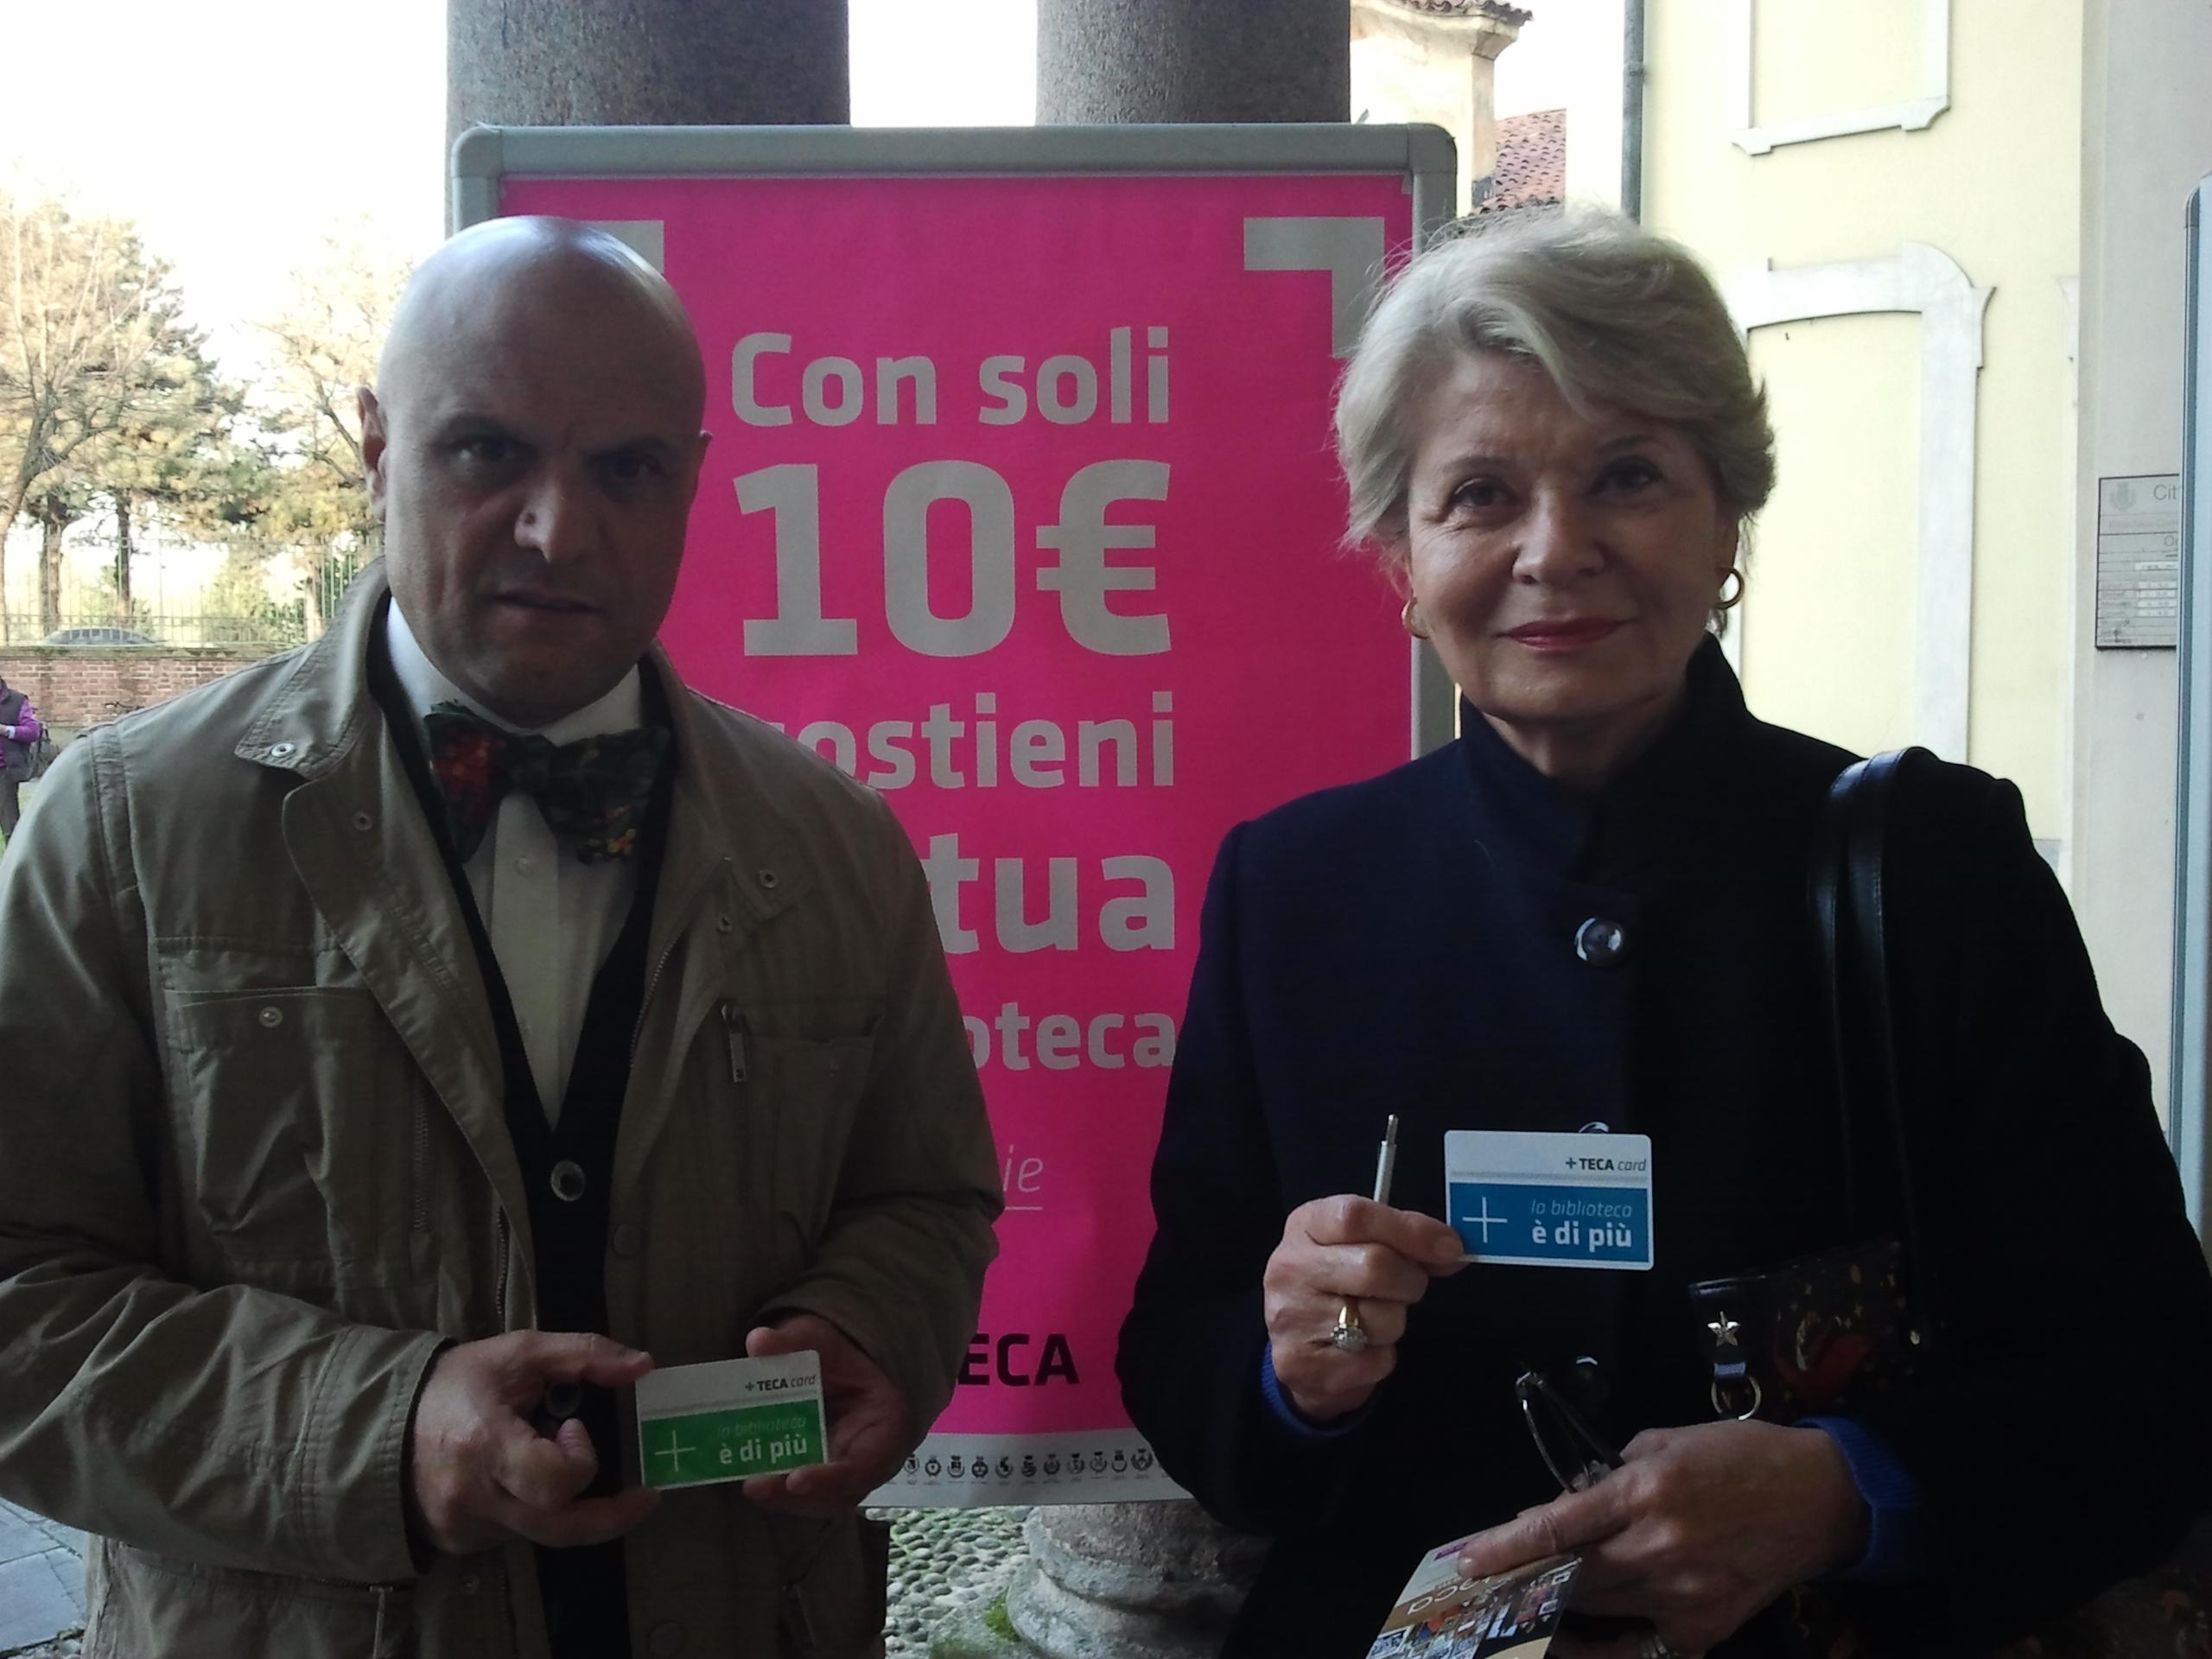 L'assessore alla cultura Giuseppe Scarfone e Sveva Casati Modignani